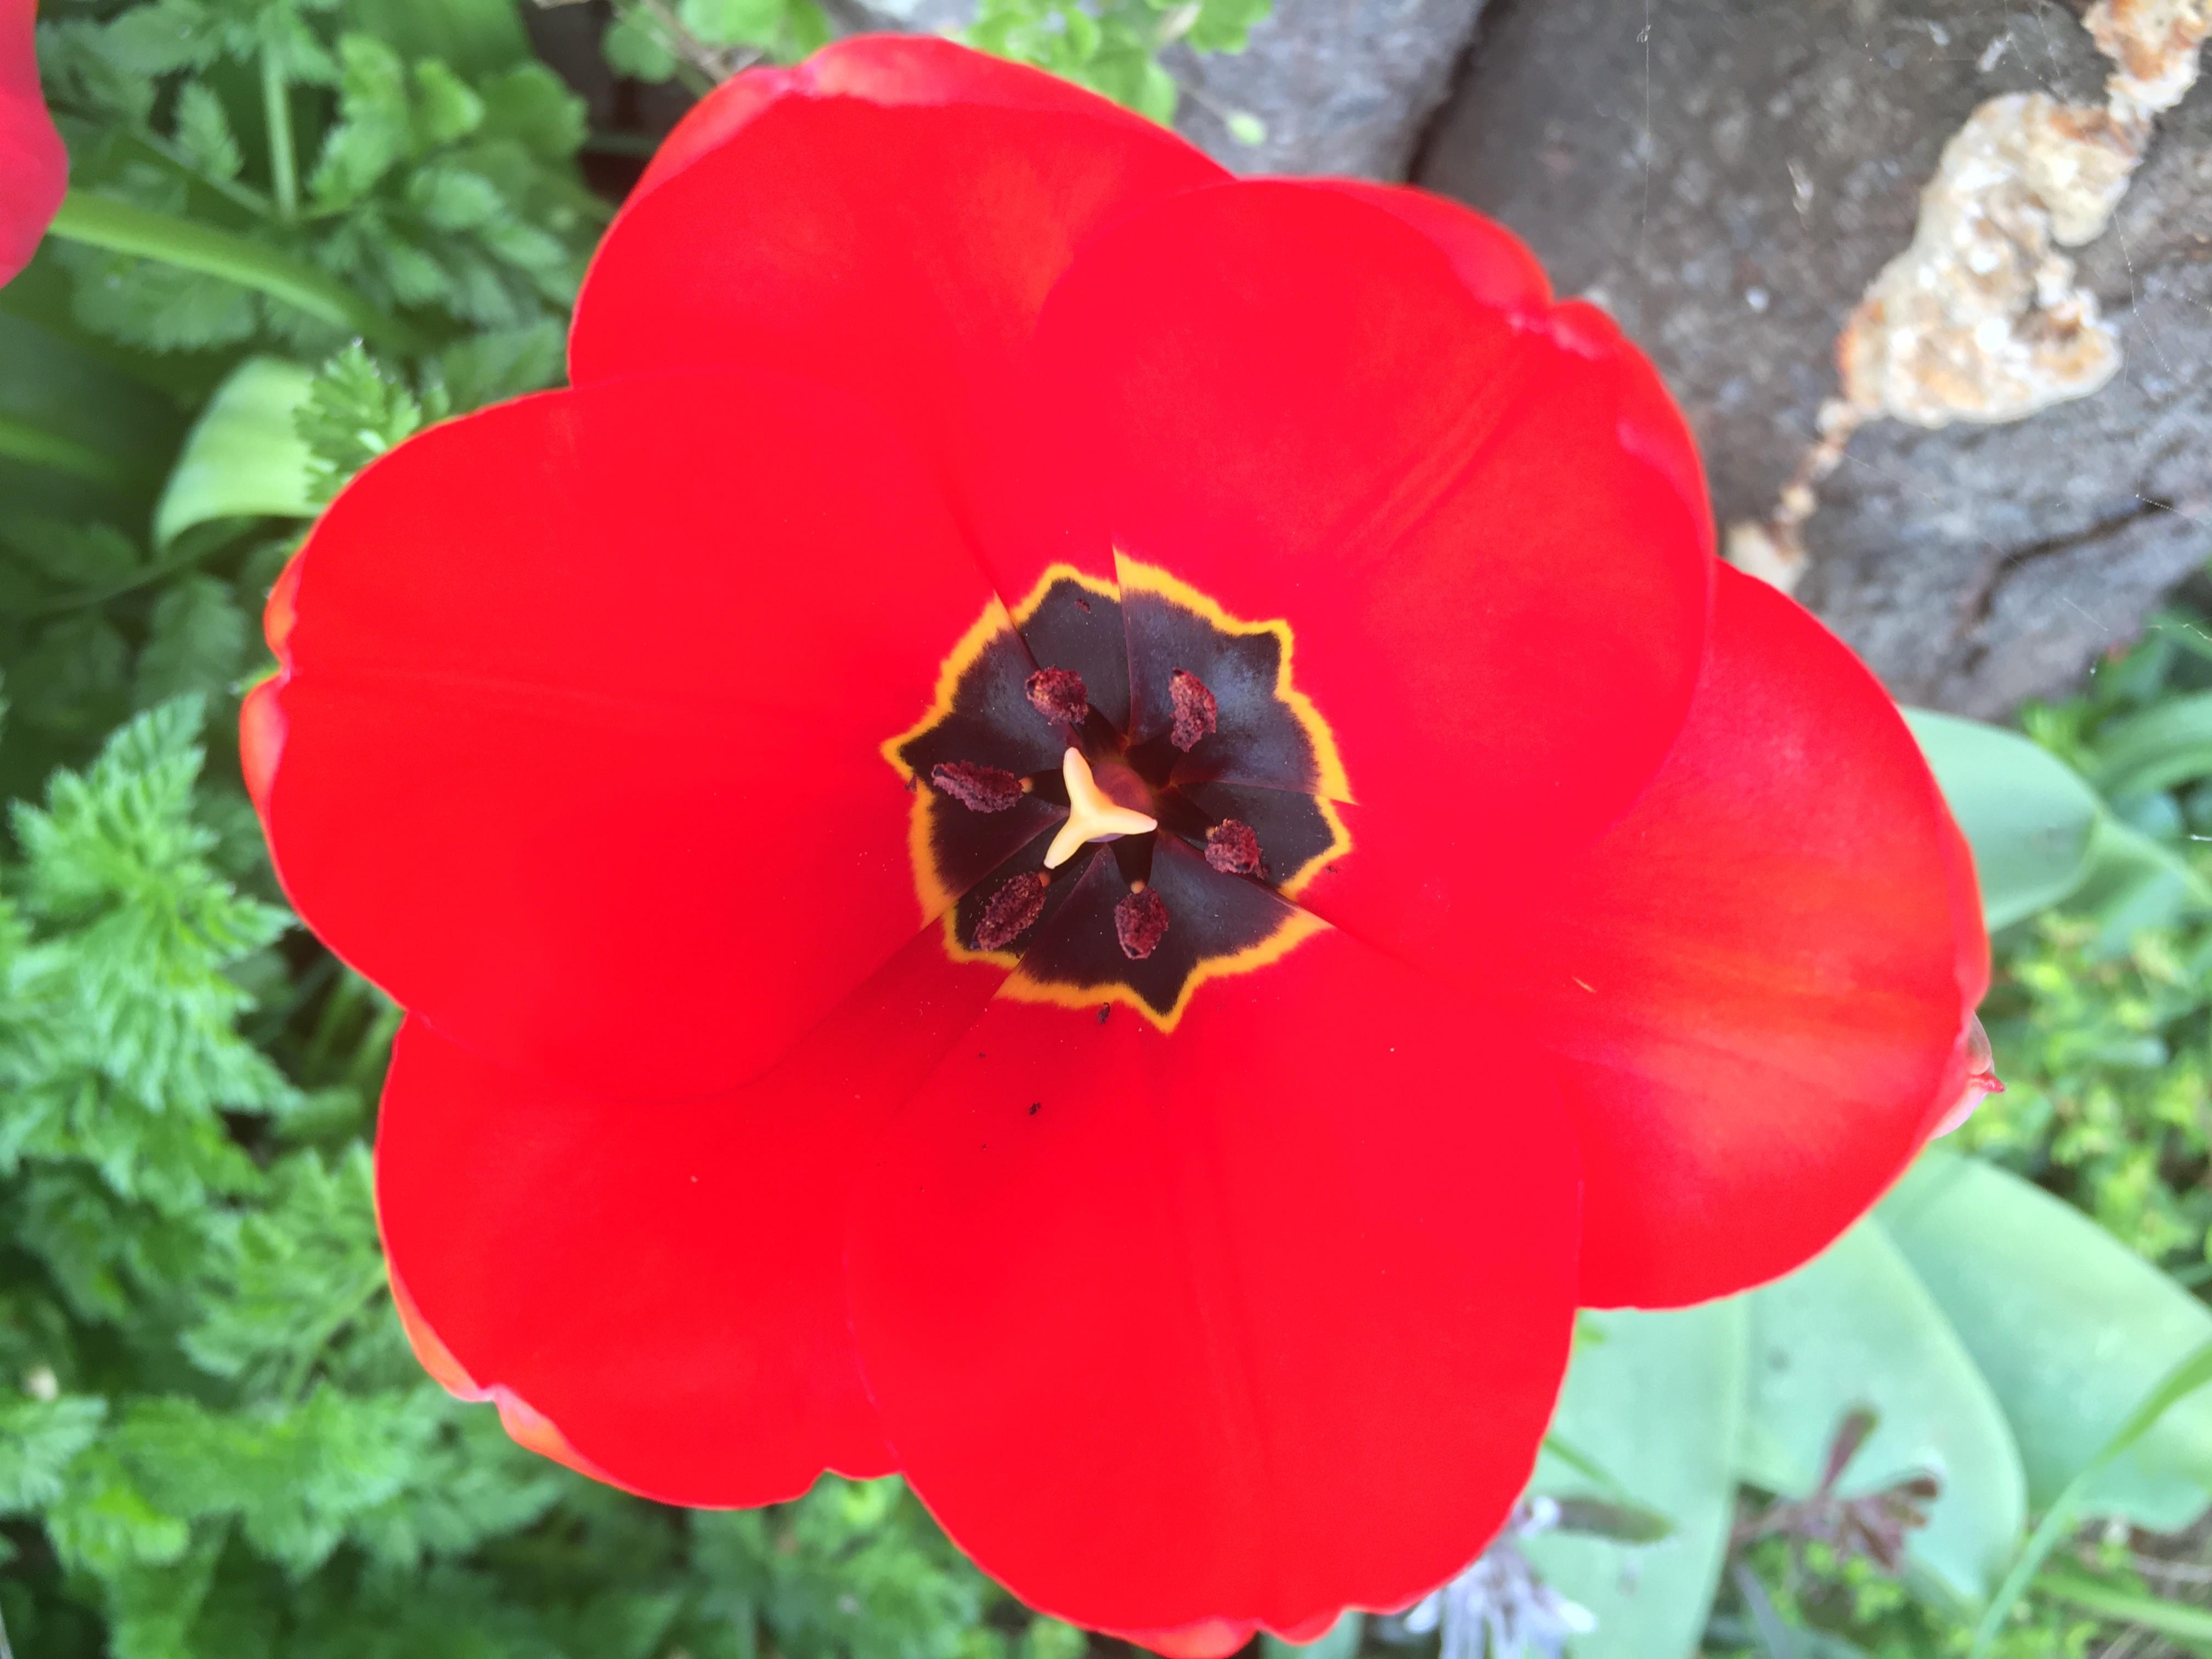 Tulipe rouge printemps 2020 langeviniere